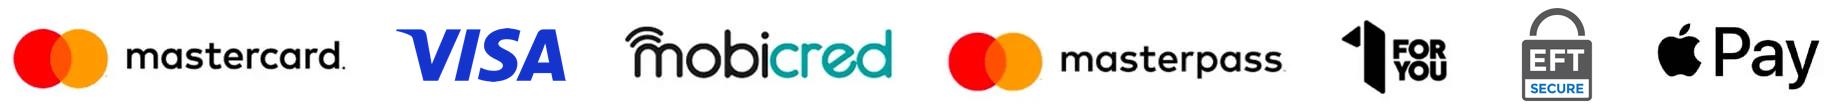 payment_logos_